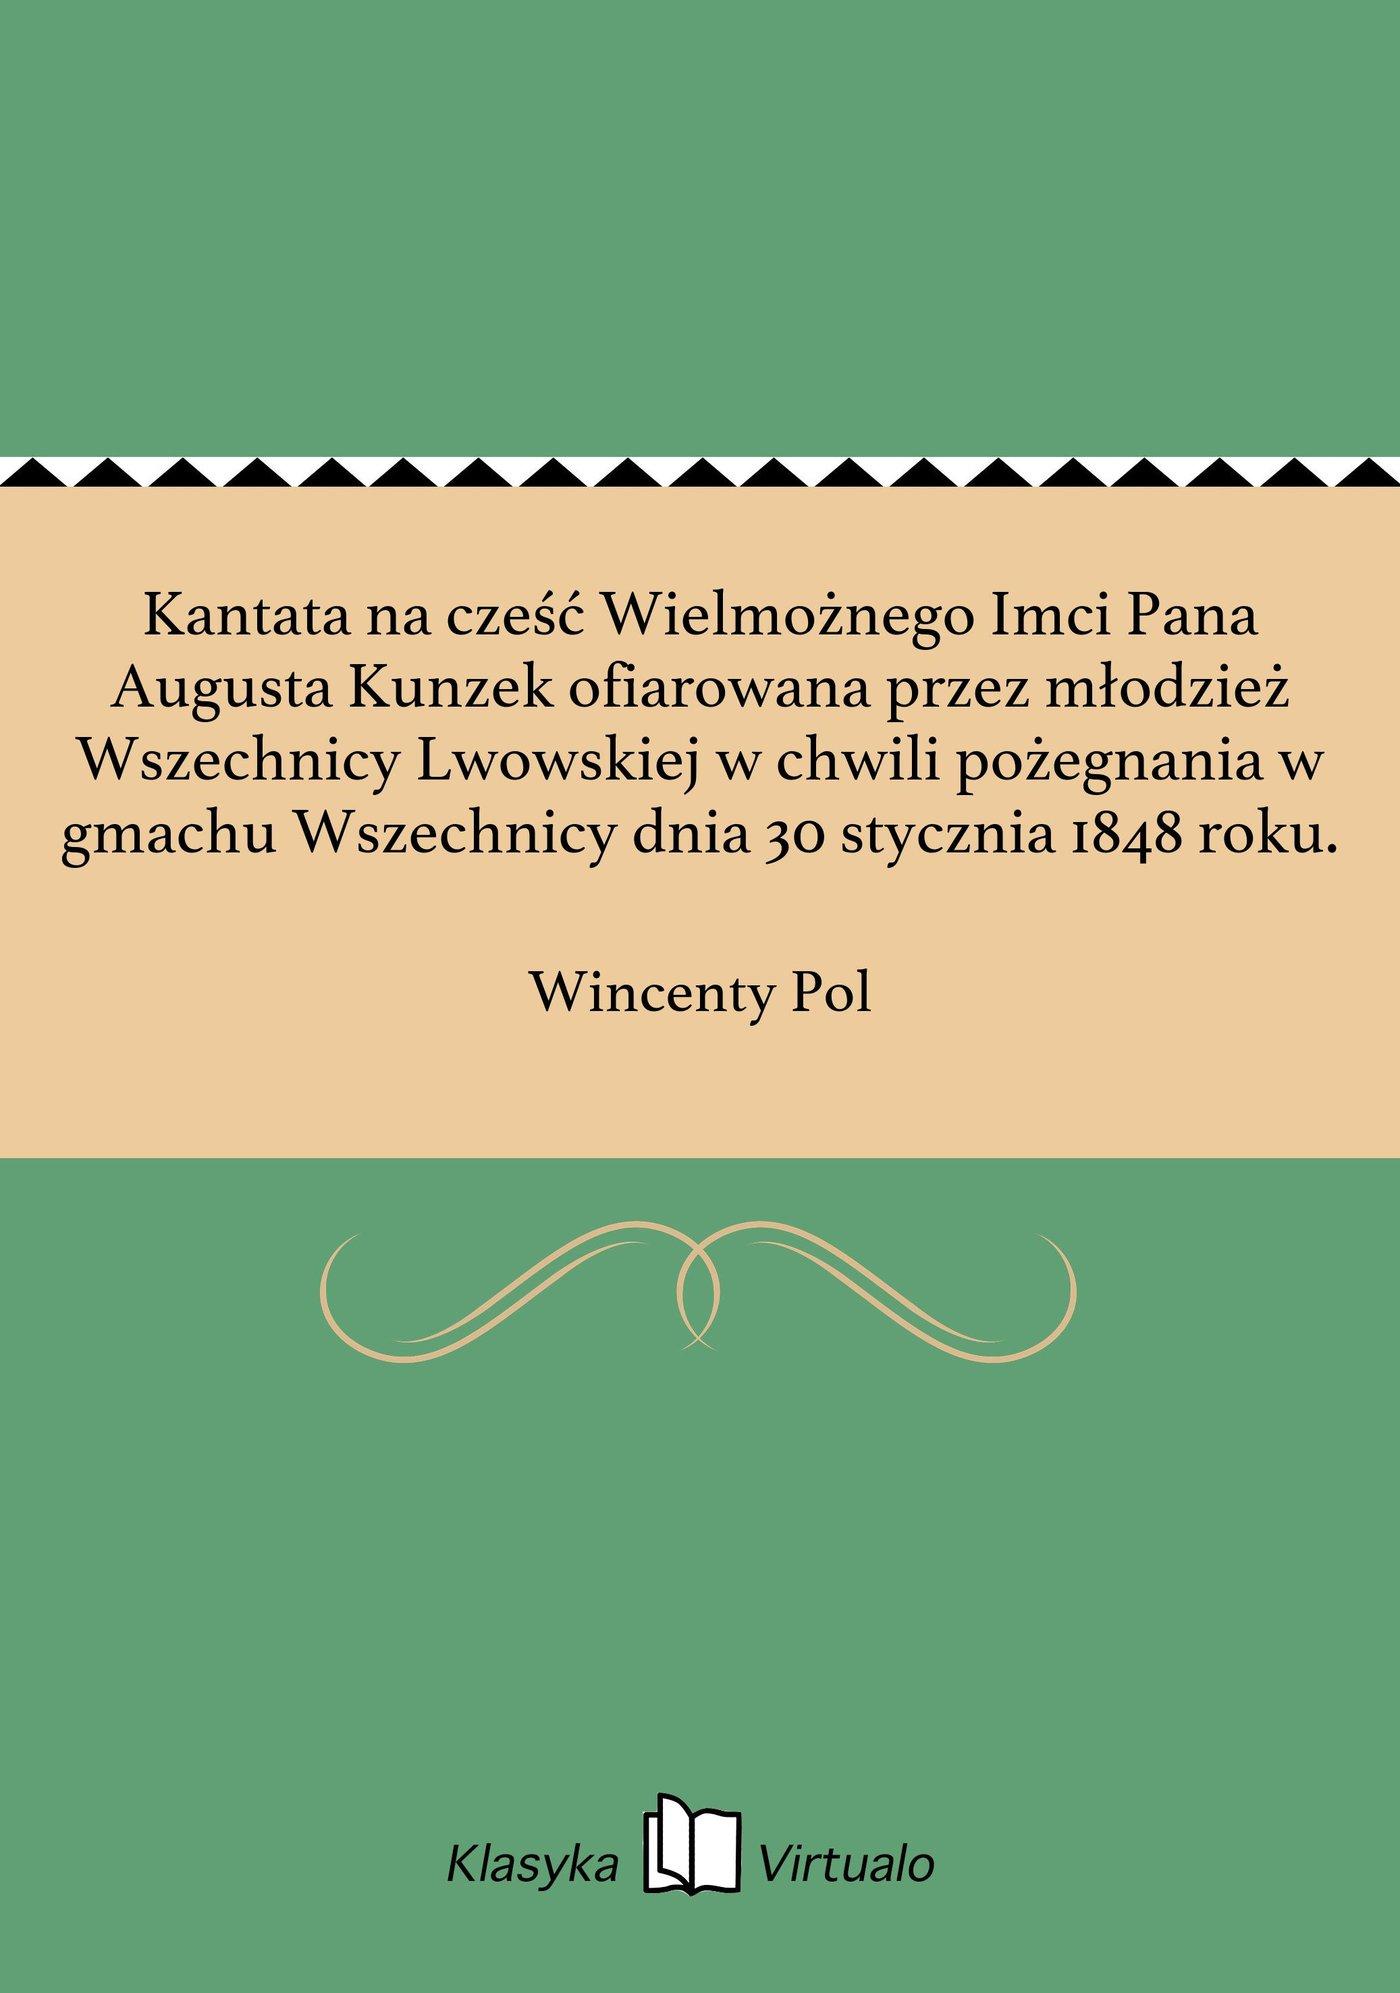 Kantata na cześć Wielmożnego Imci Pana Augusta Kunzek ofiarowana przez młodzież Wszechnicy Lwowskiej w chwili pożegnania w gmachu Wszechnicy dnia 30 stycznia 1848 roku. - Ebook (Książka EPUB) do pobrania w formacie EPUB